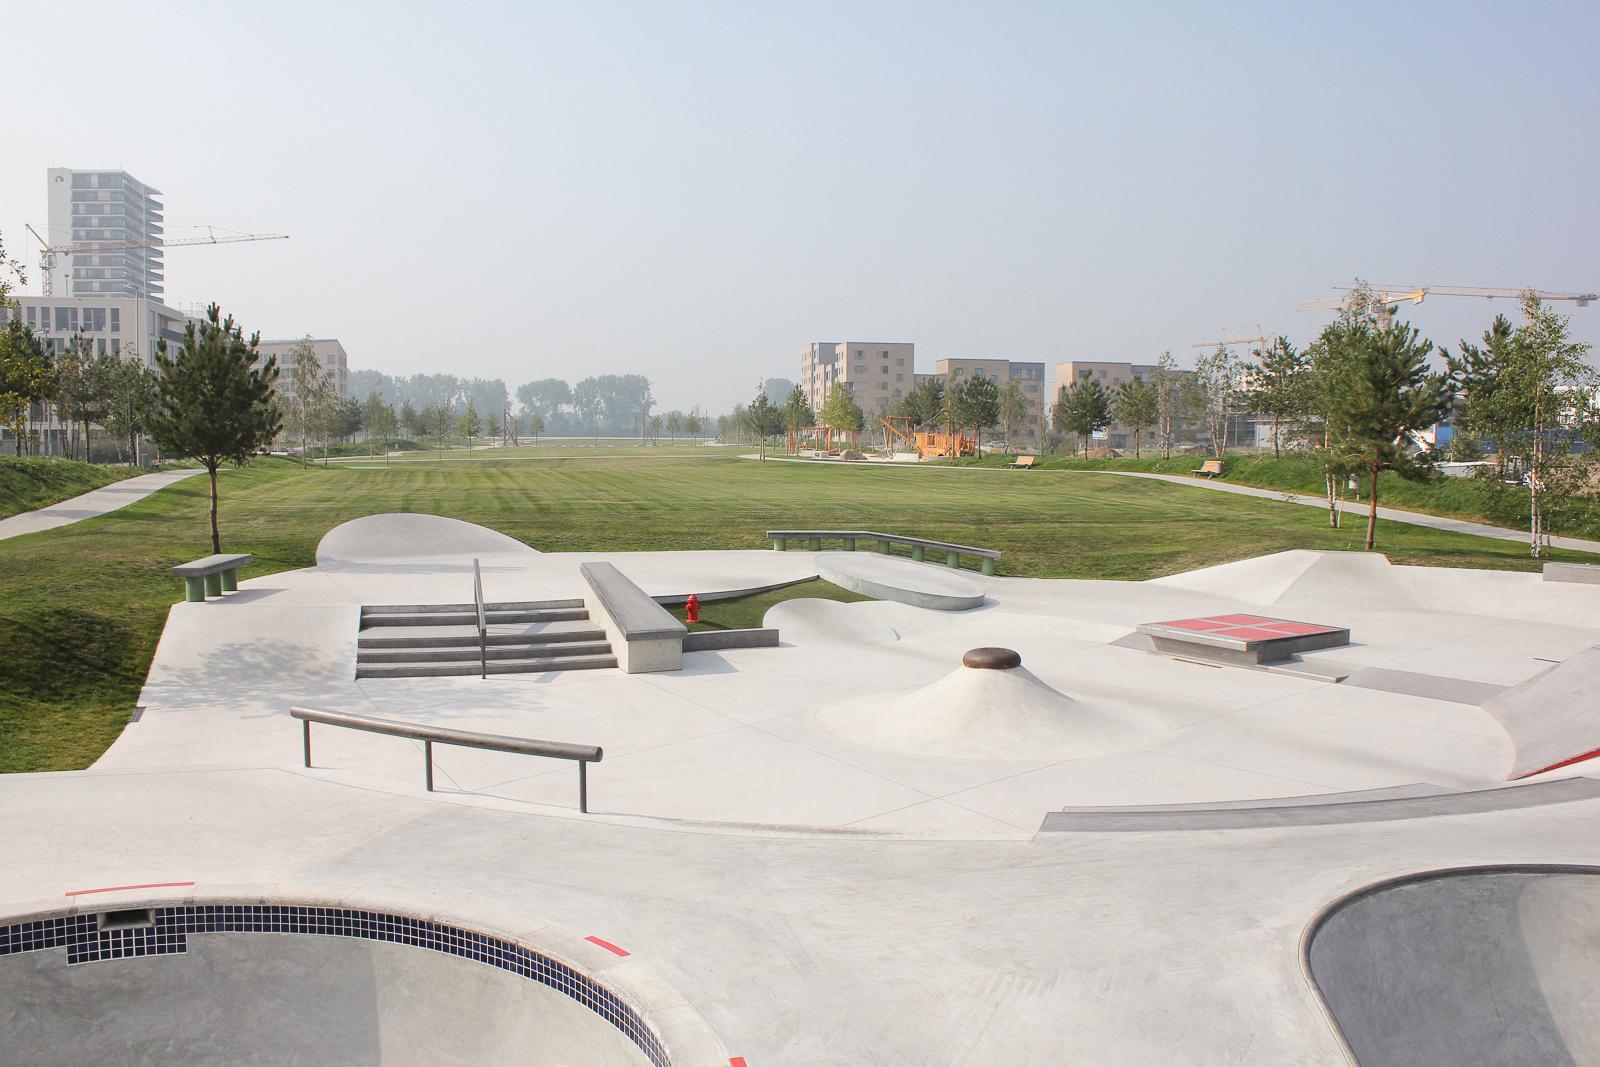 Skatepark Bremen Berseepark Street Dsgn Concepts